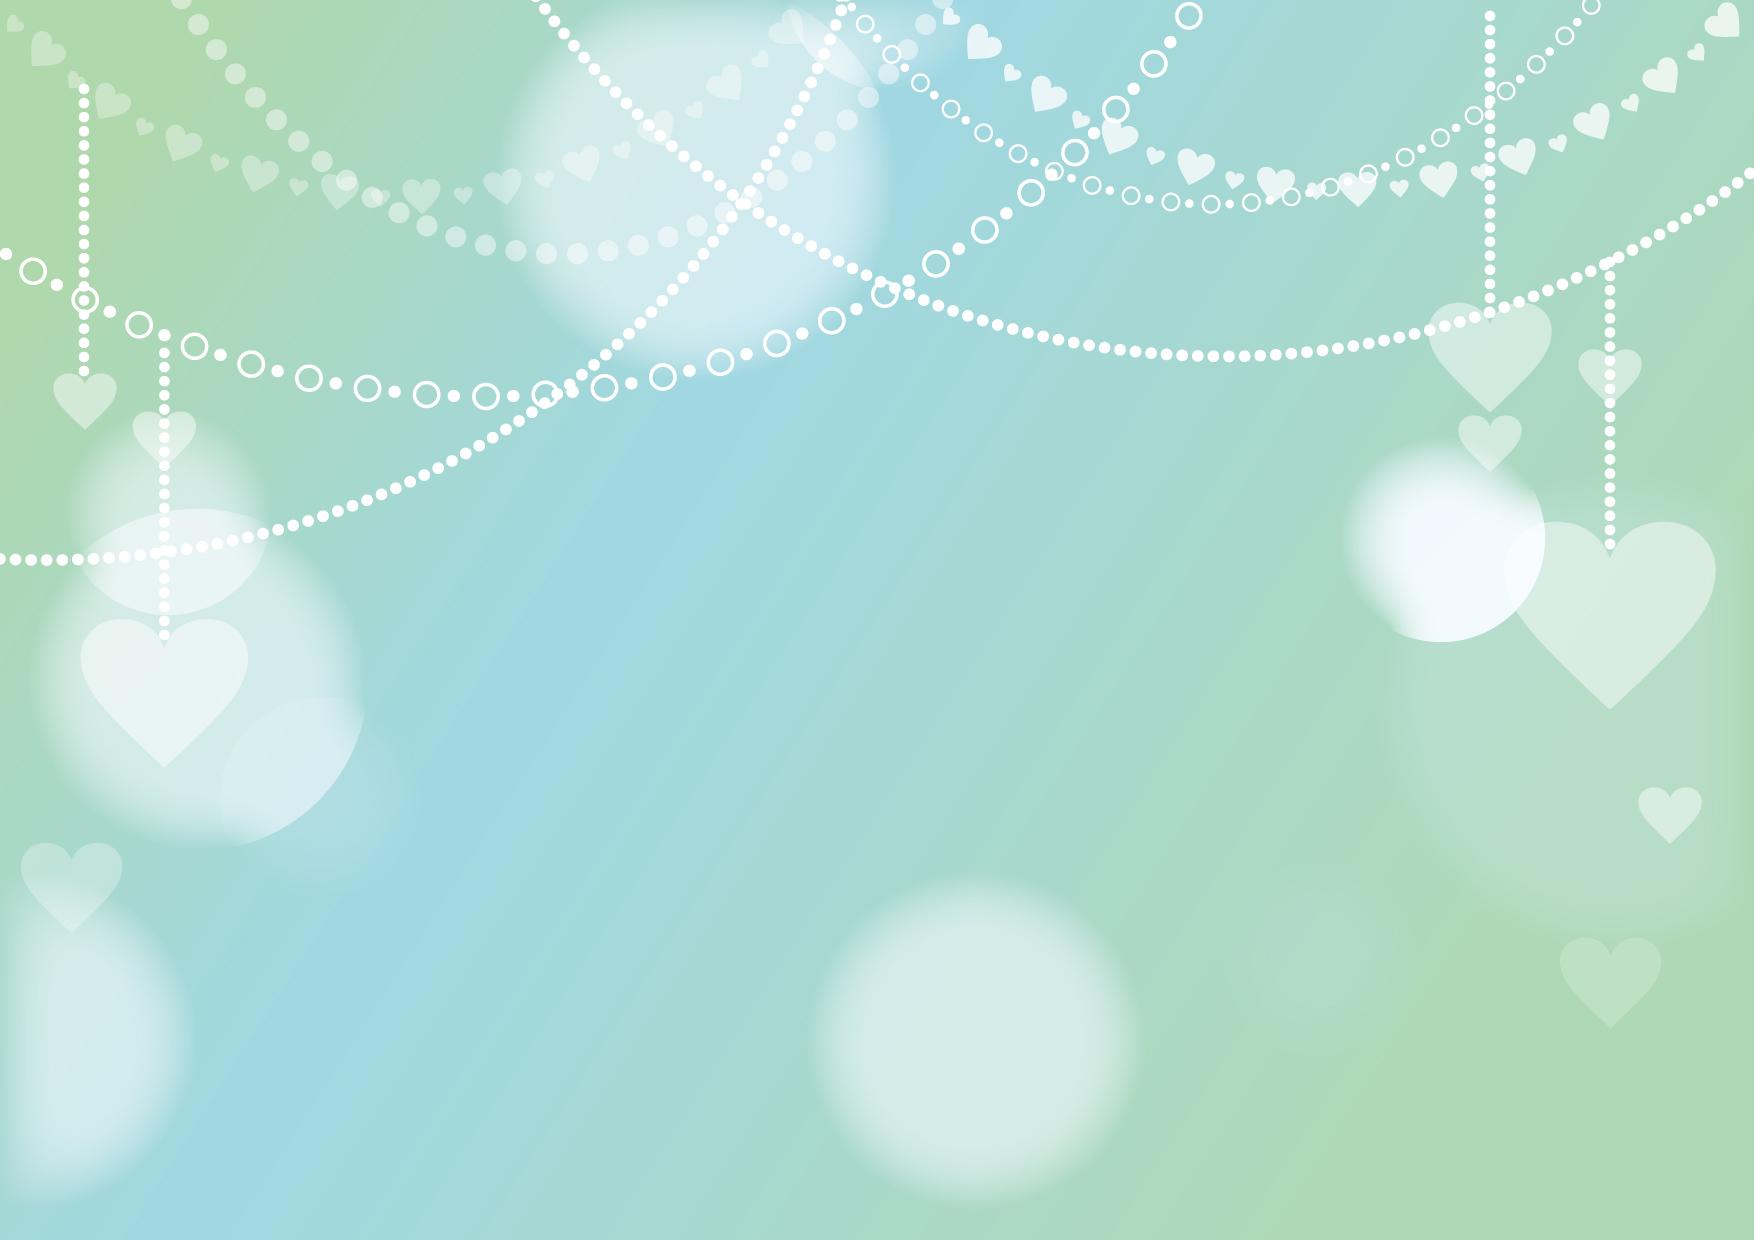 バレンタイン 背景 チェーン 緑色 イラスト 無料